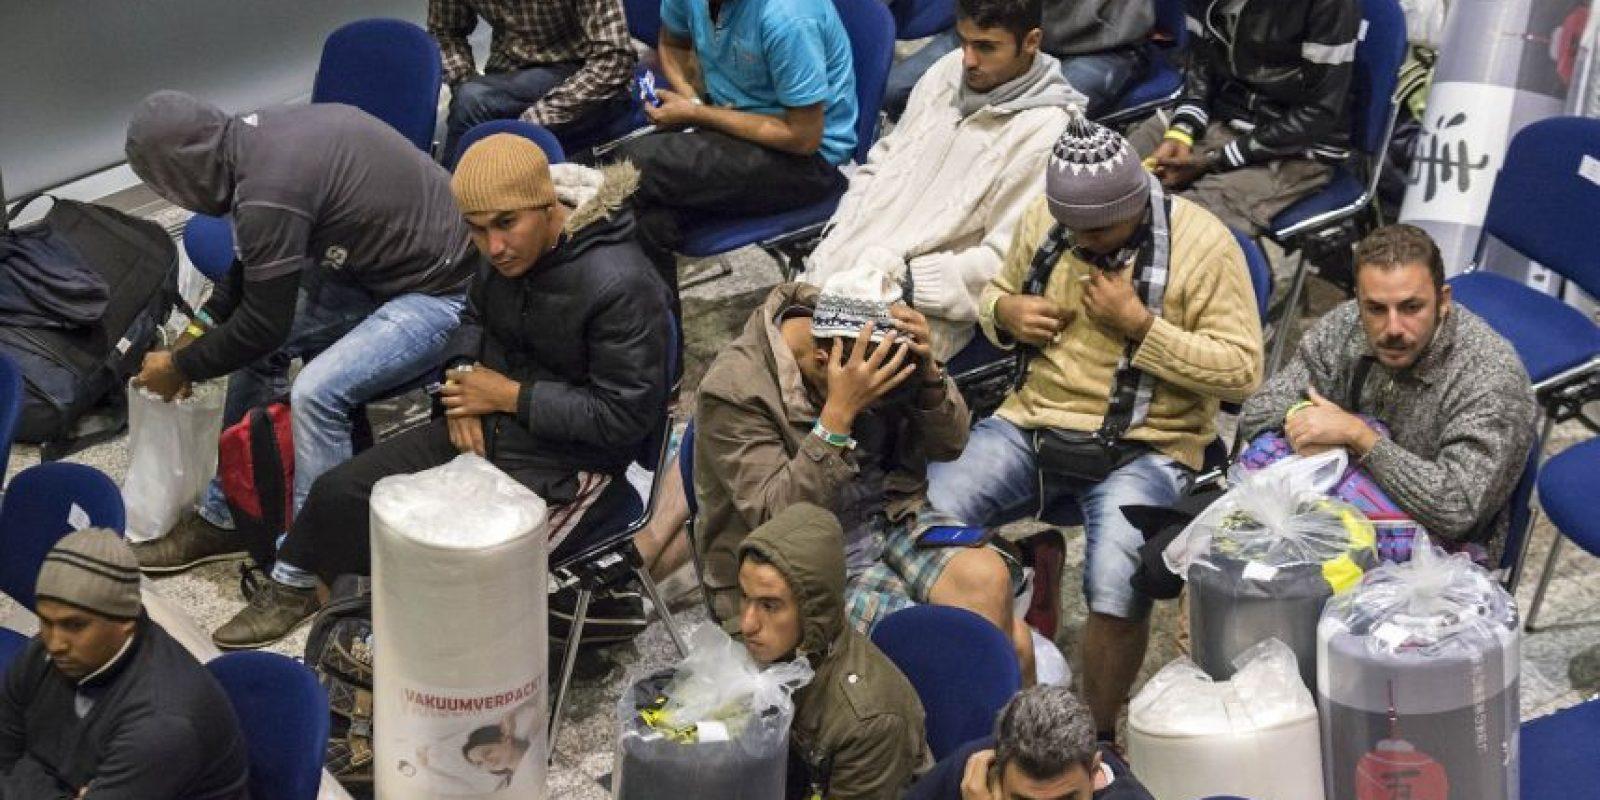 Los refugiados fueron acogidos con aplausos. Foto:AP